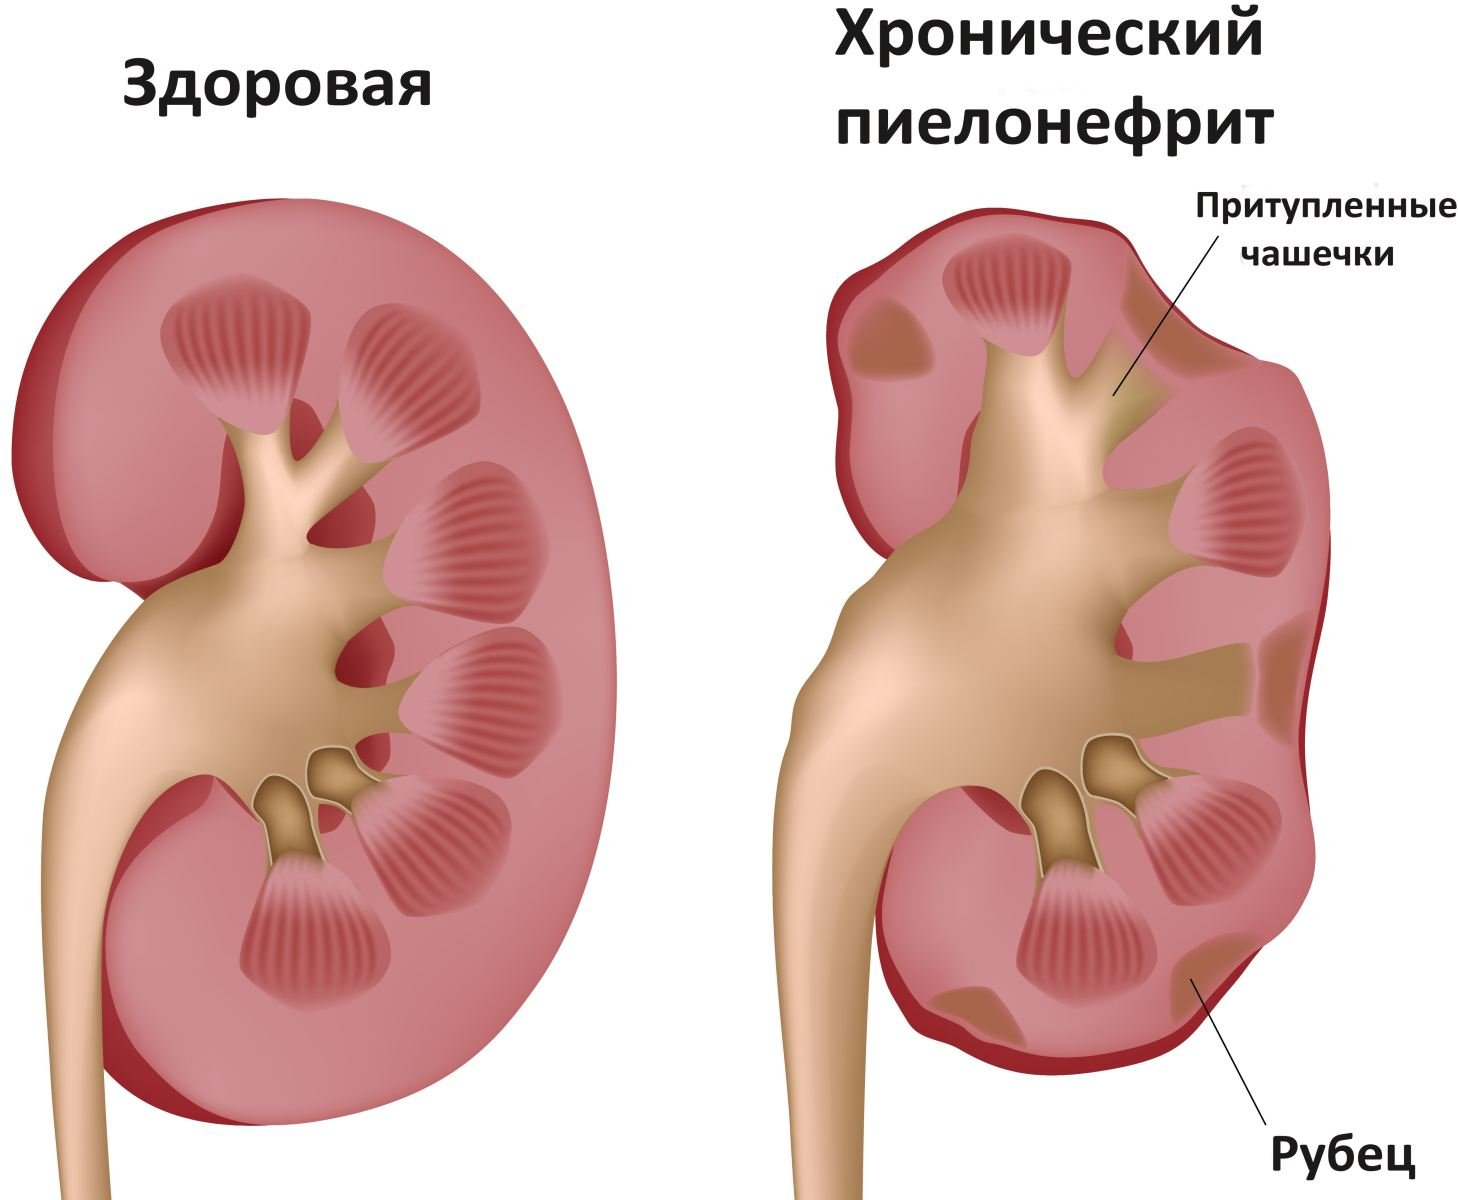 Гипертоническая болезнь почечная форма